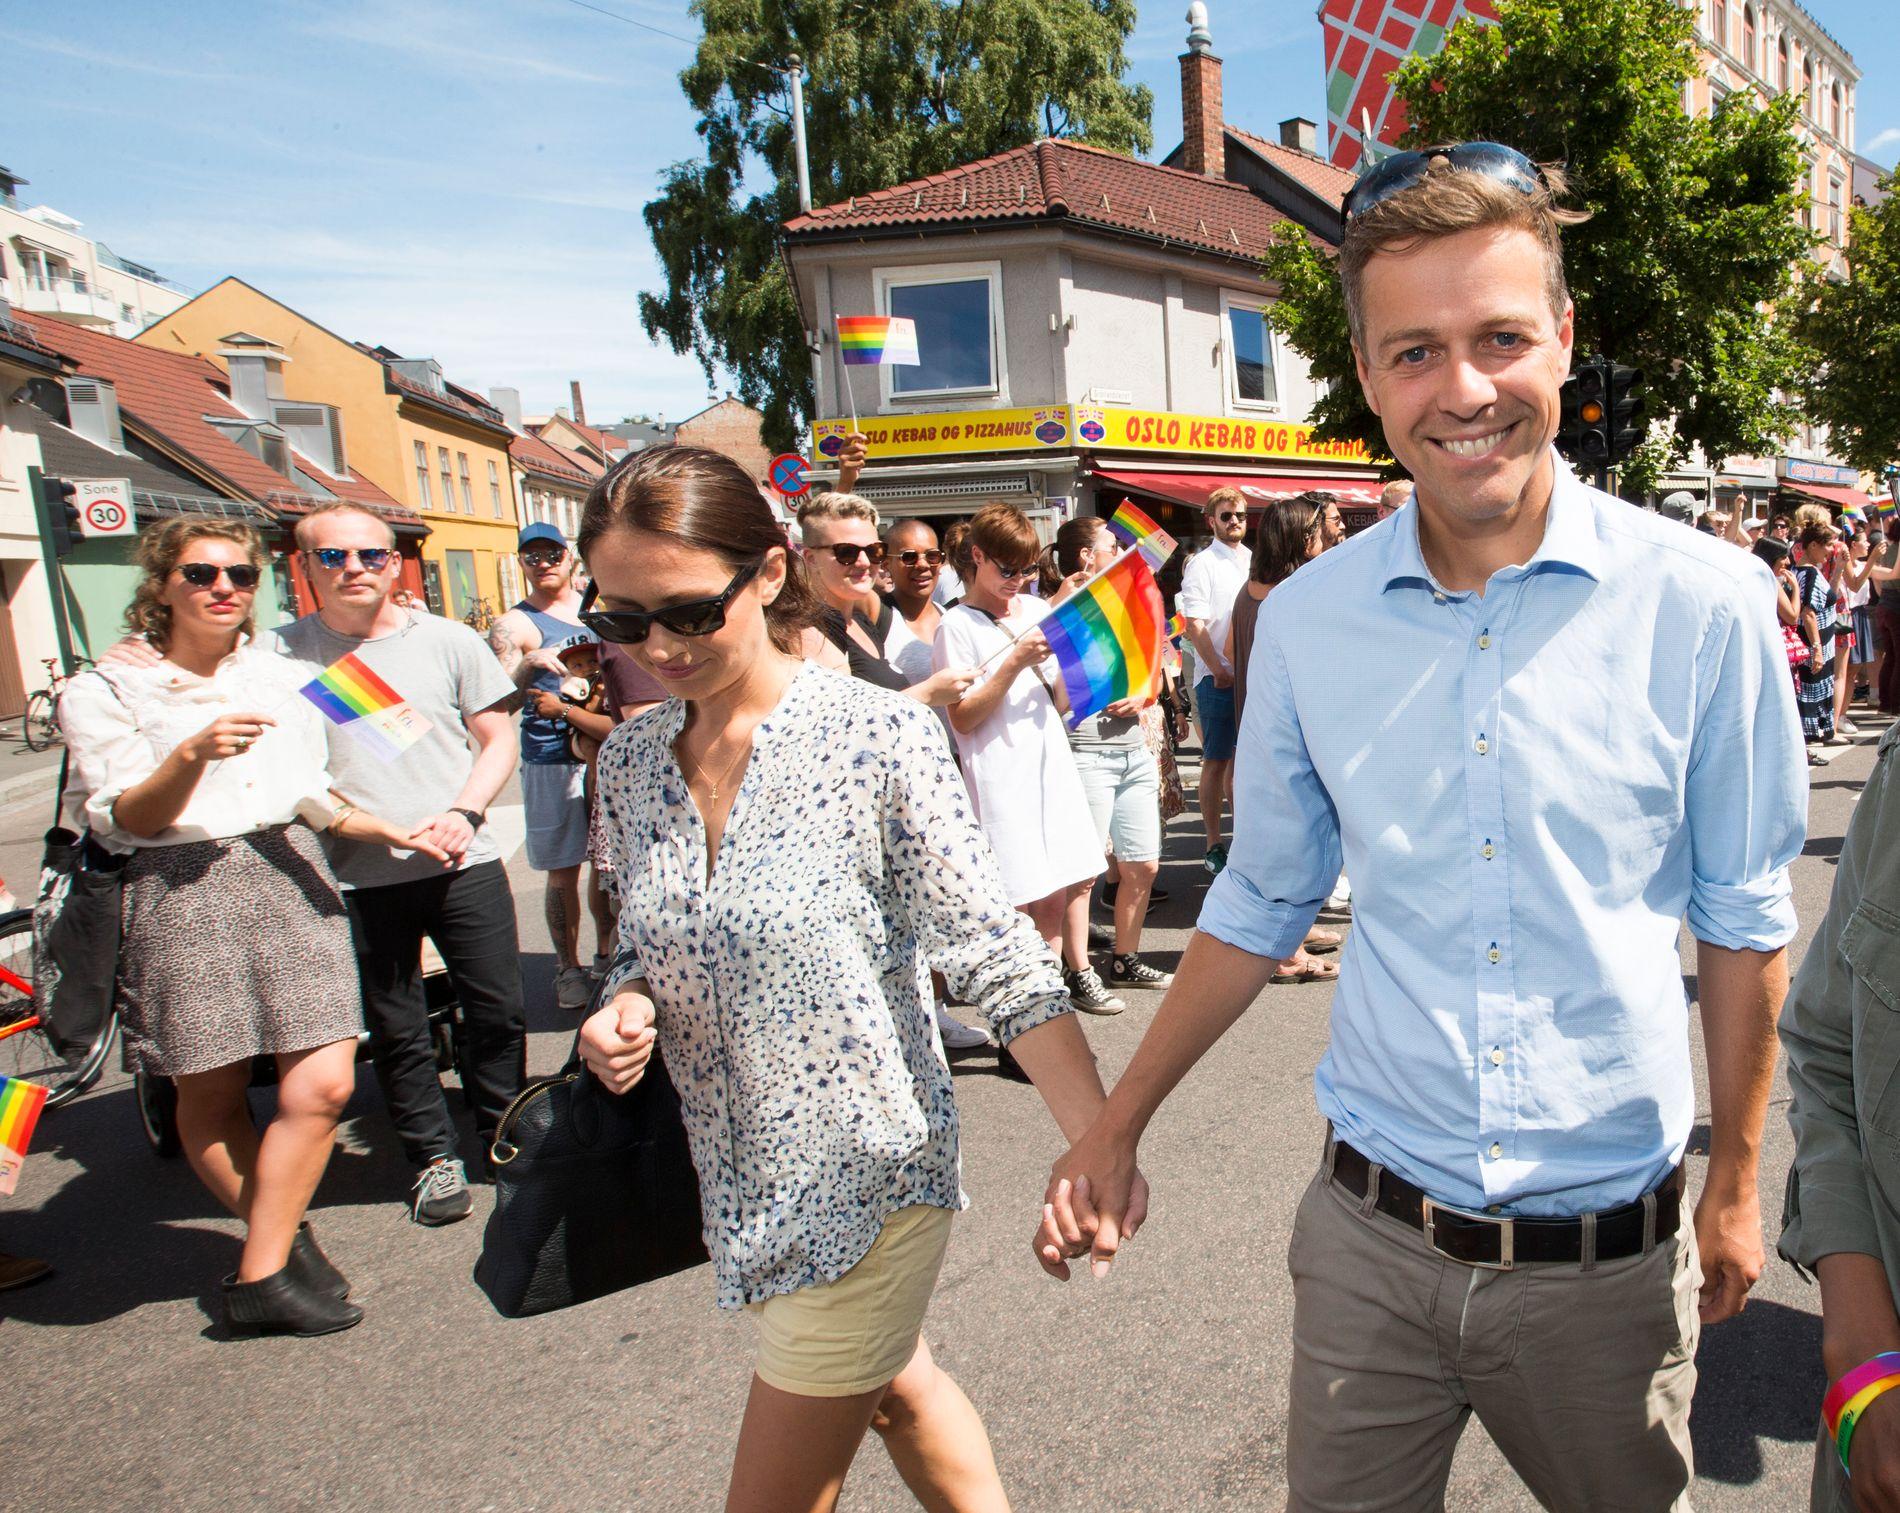 OPPGJØR: KrF-leder Knut Arild Hareide gikk sammen med konen Lisa (t.v.) og Amal Aden i Oslo Pride-paraden i 2016. Det førte til oppgjør og utmeldelse fra partiet.